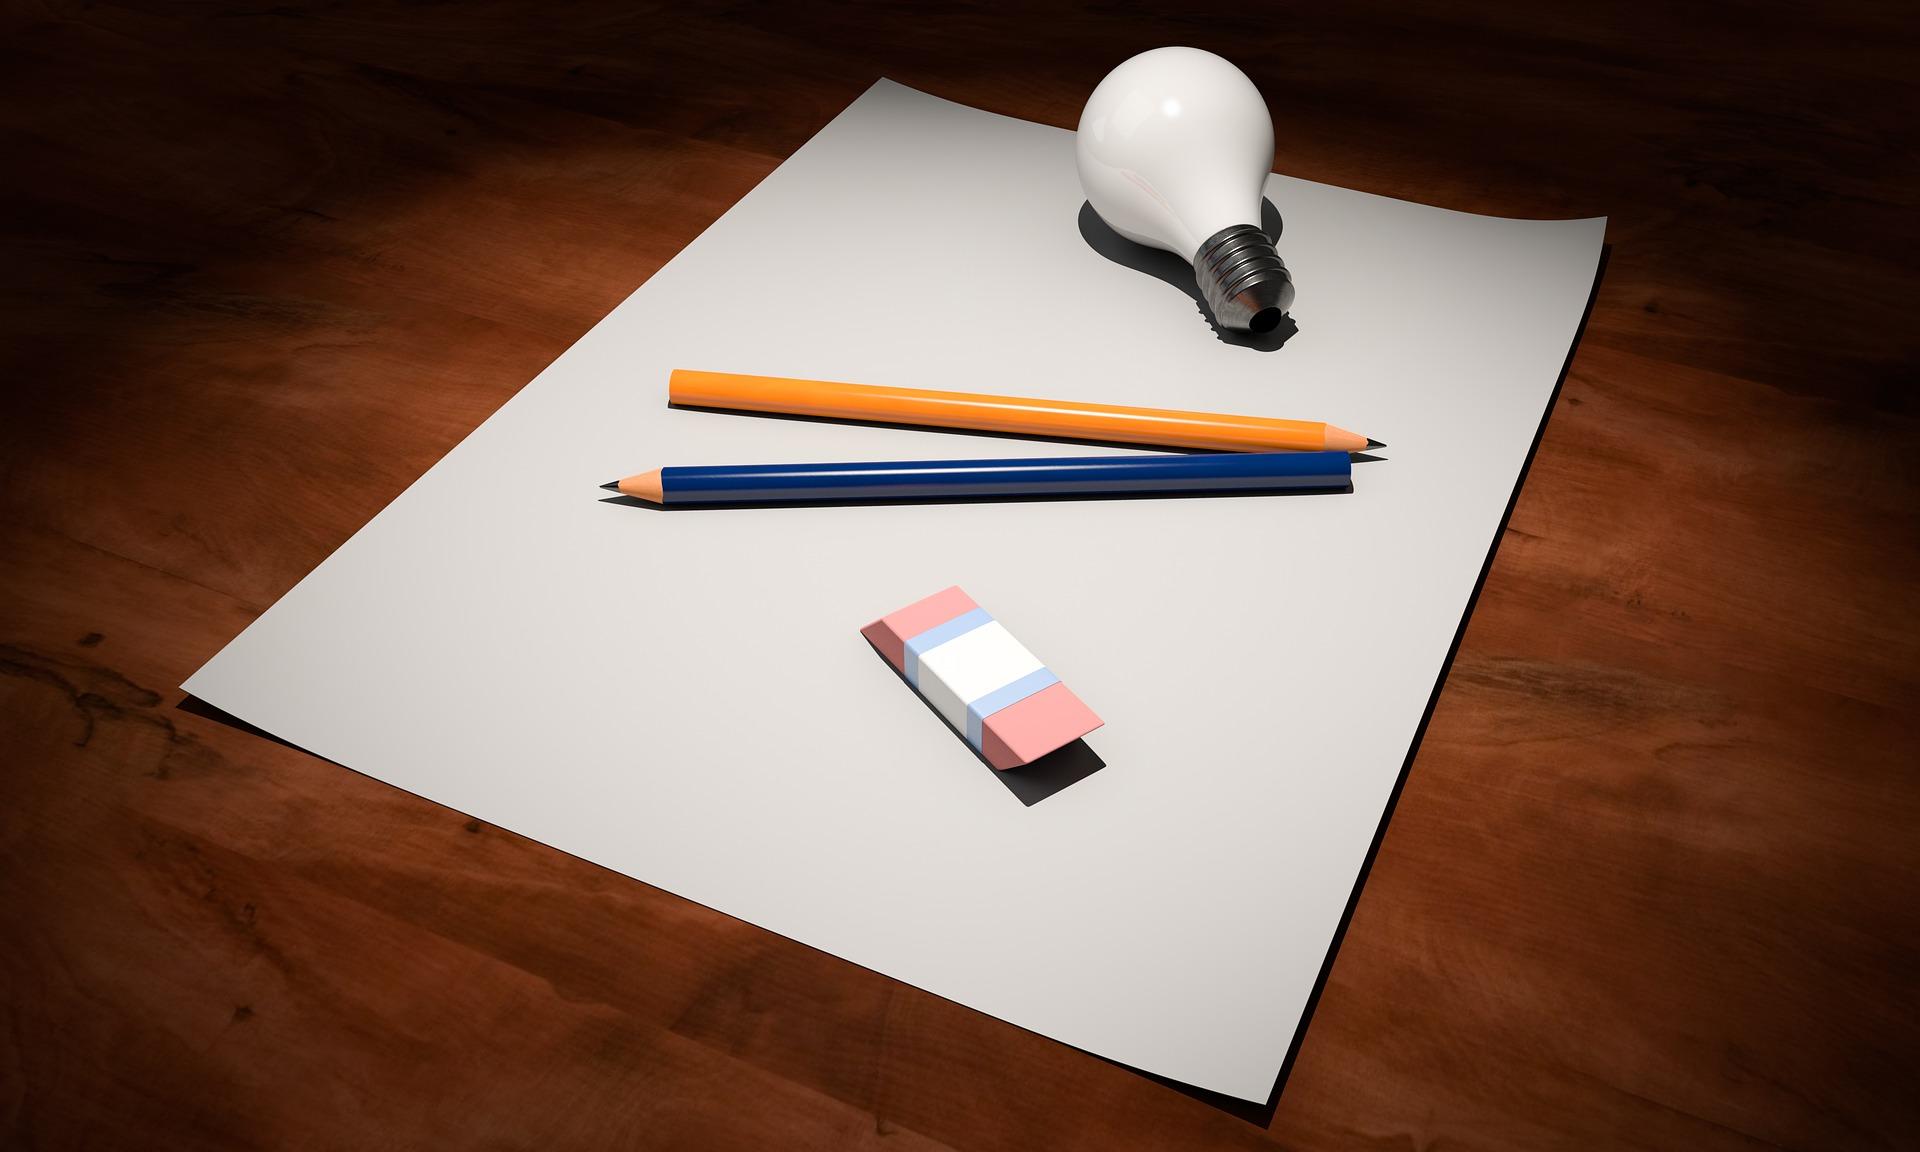 テーブルの上に紙と筆記用具が散らばっている